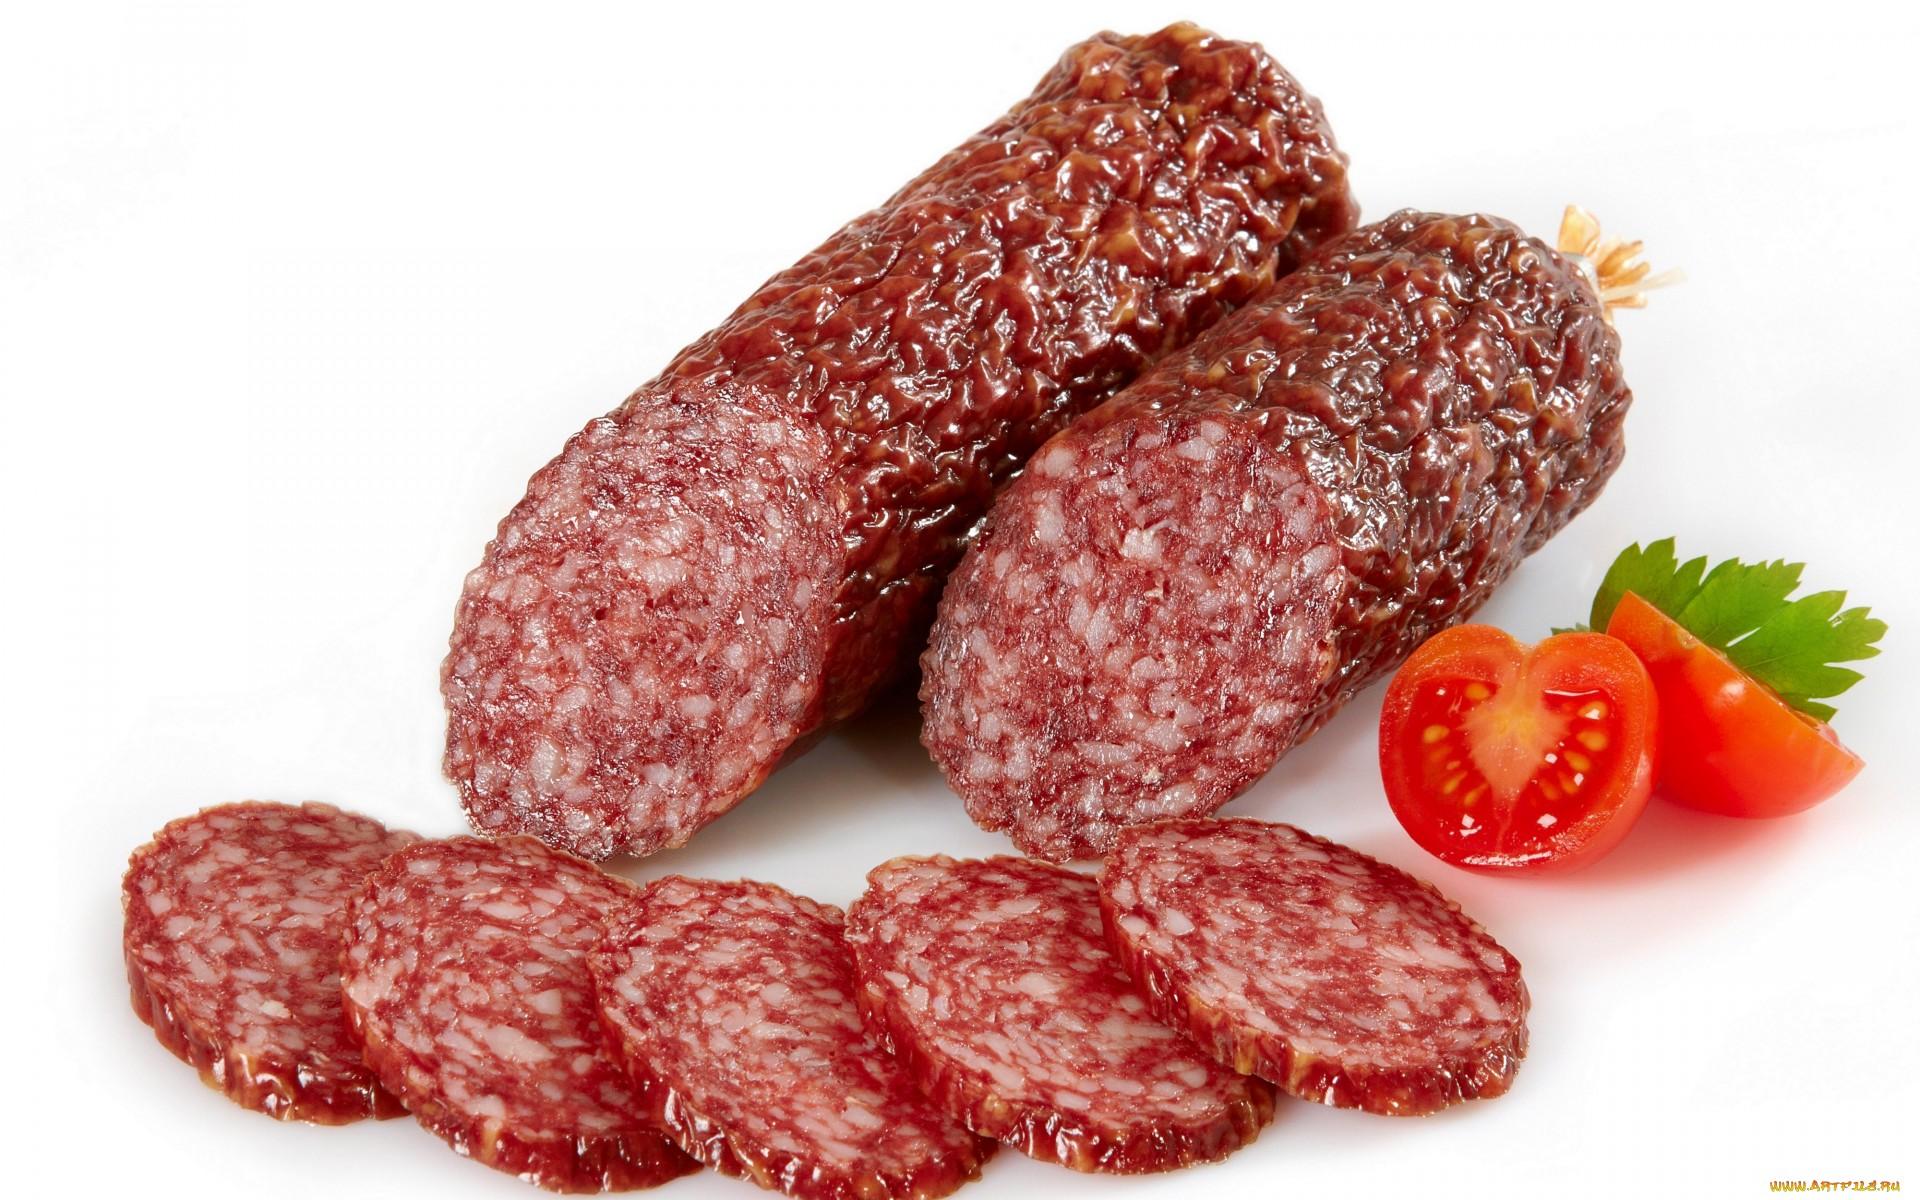 На полуостров вновь пытались незаконно ввезти украинскую колбасу